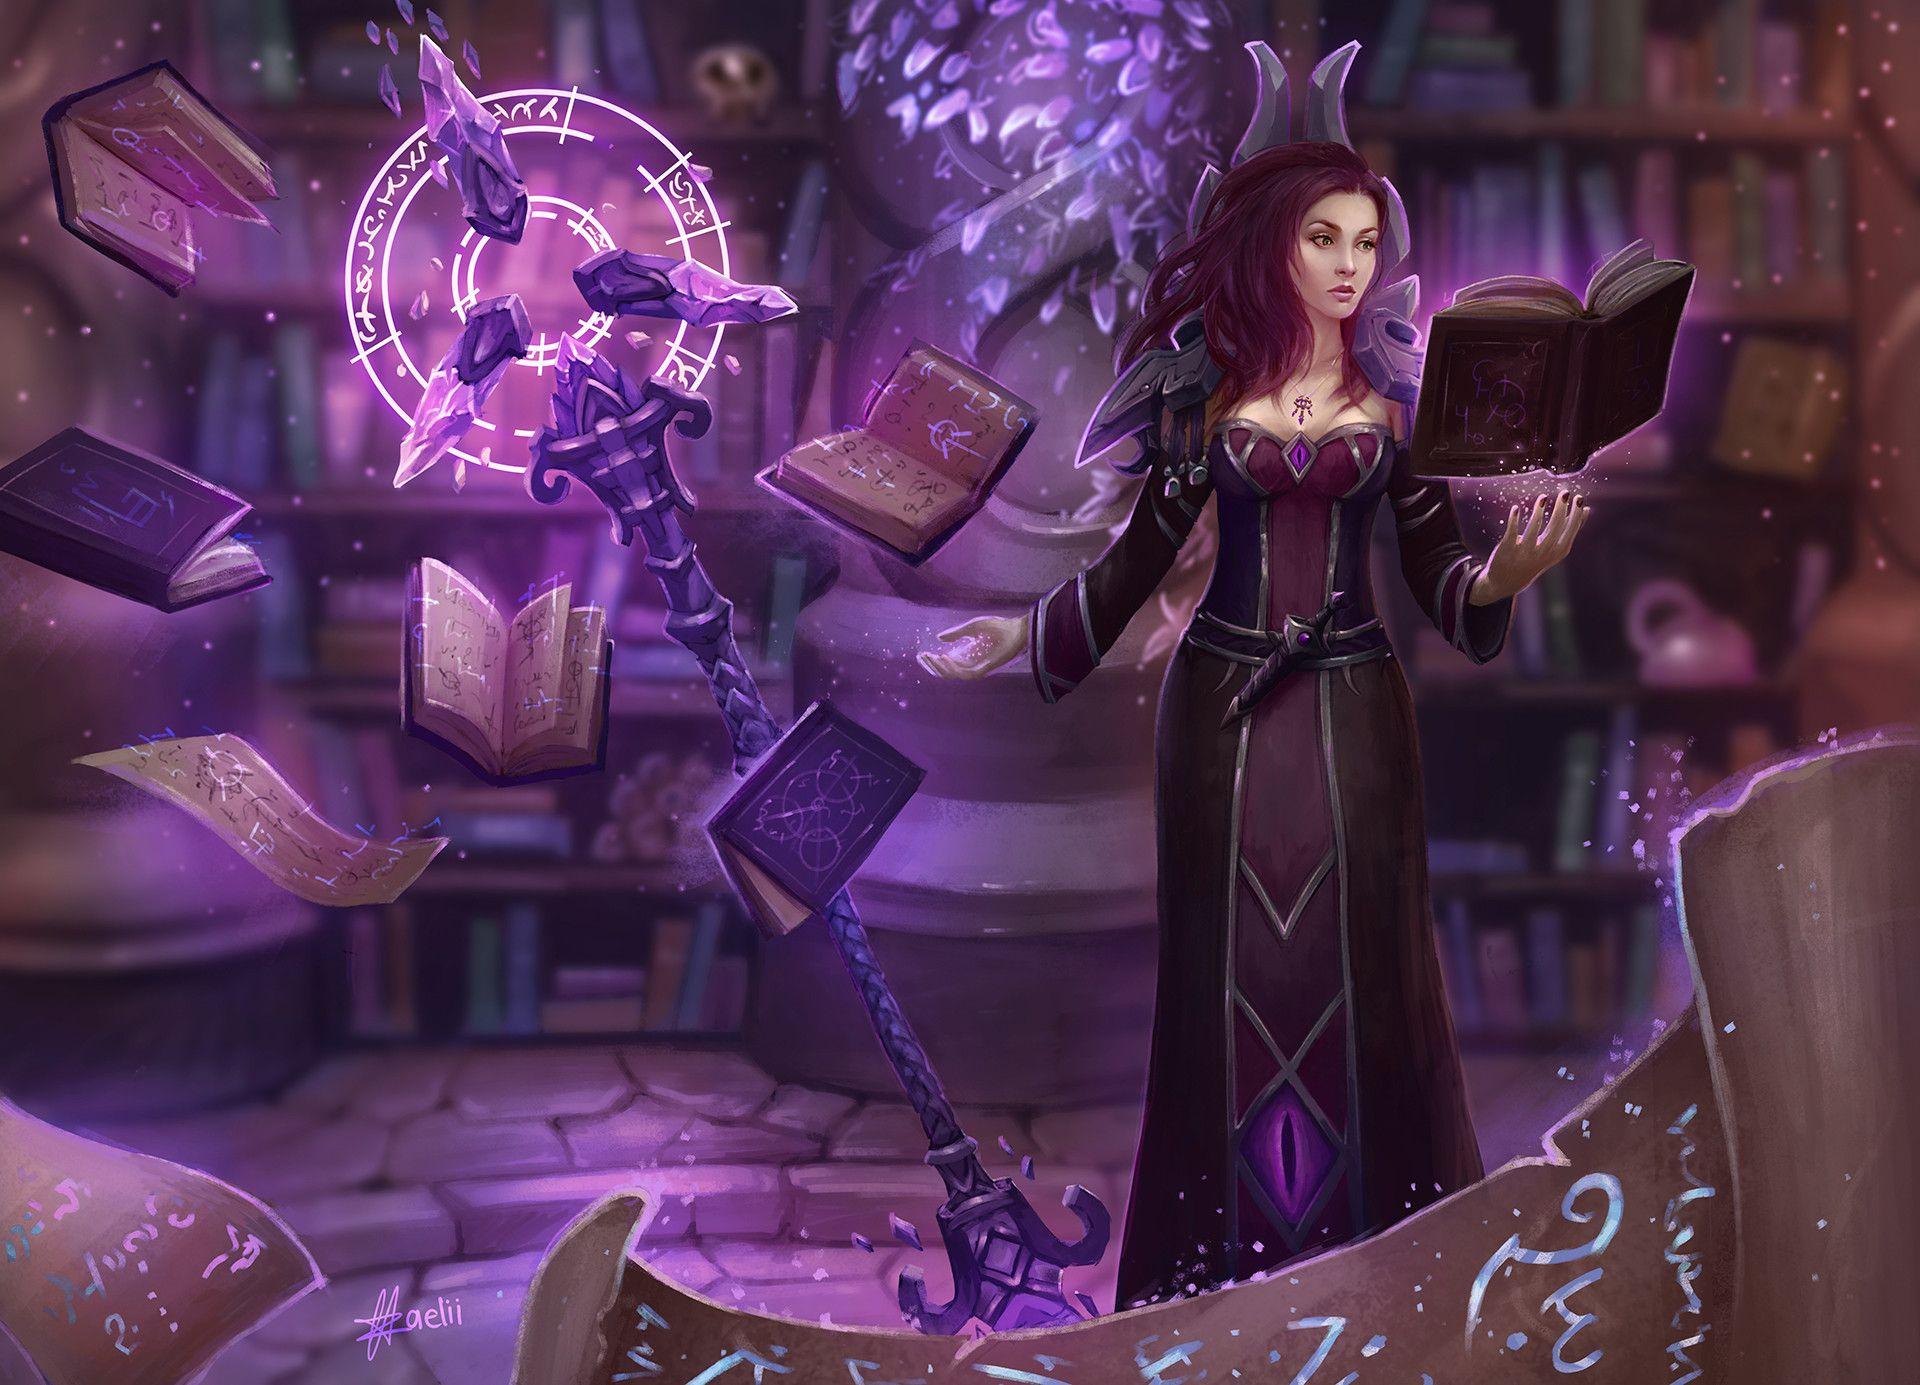 Artstation Arcane Mage Zaelii Art Arcane Mage World Of Warcraft Warcraft Art